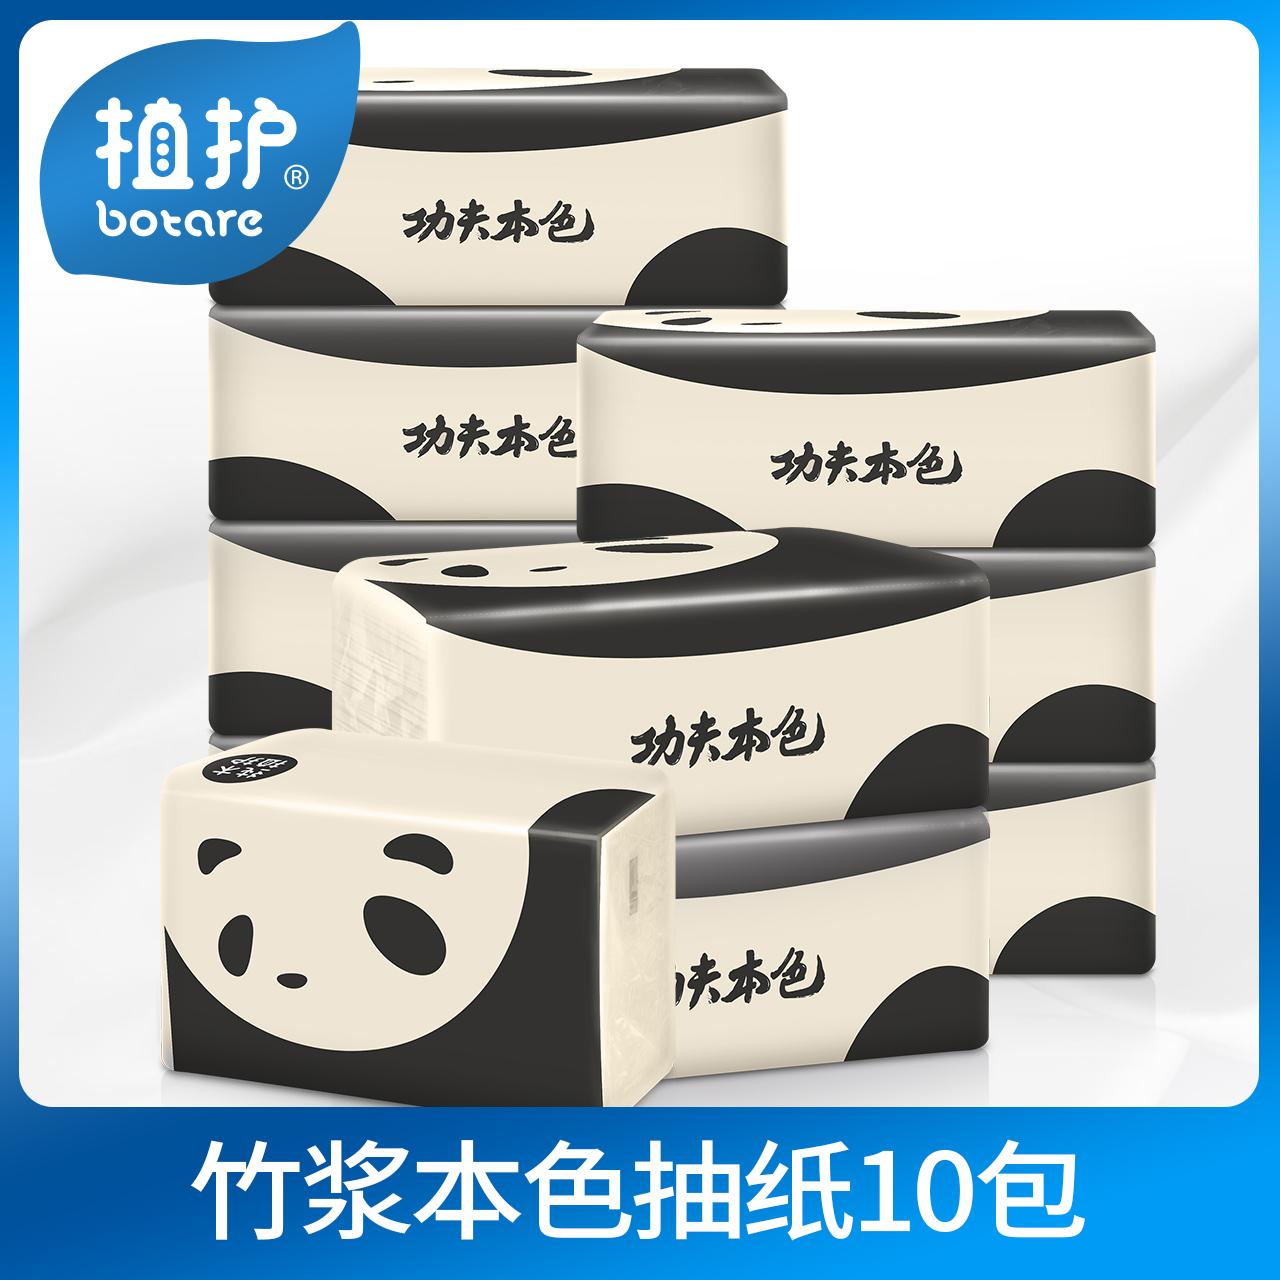 10月23日最新优惠4层加厚10包 植护本色抽纸批发整箱家庭装家用餐巾纸卫生纸纸巾